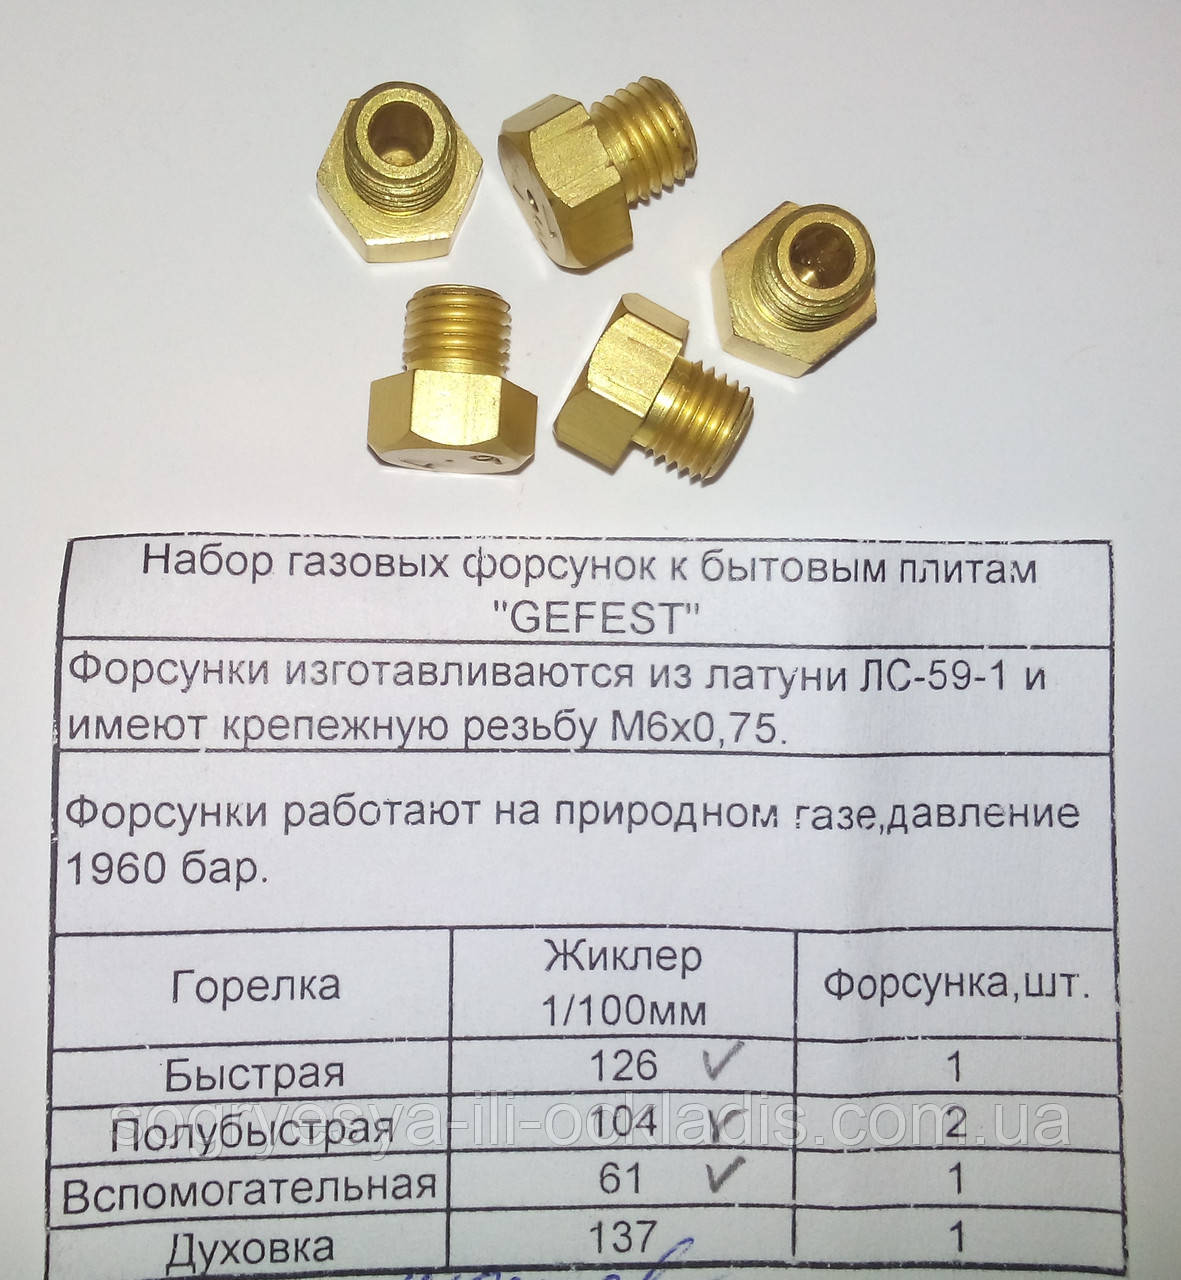 """Набір газових форсунок до побутових плитах """"GEFEST""""(природний газ) код товару: 7079"""